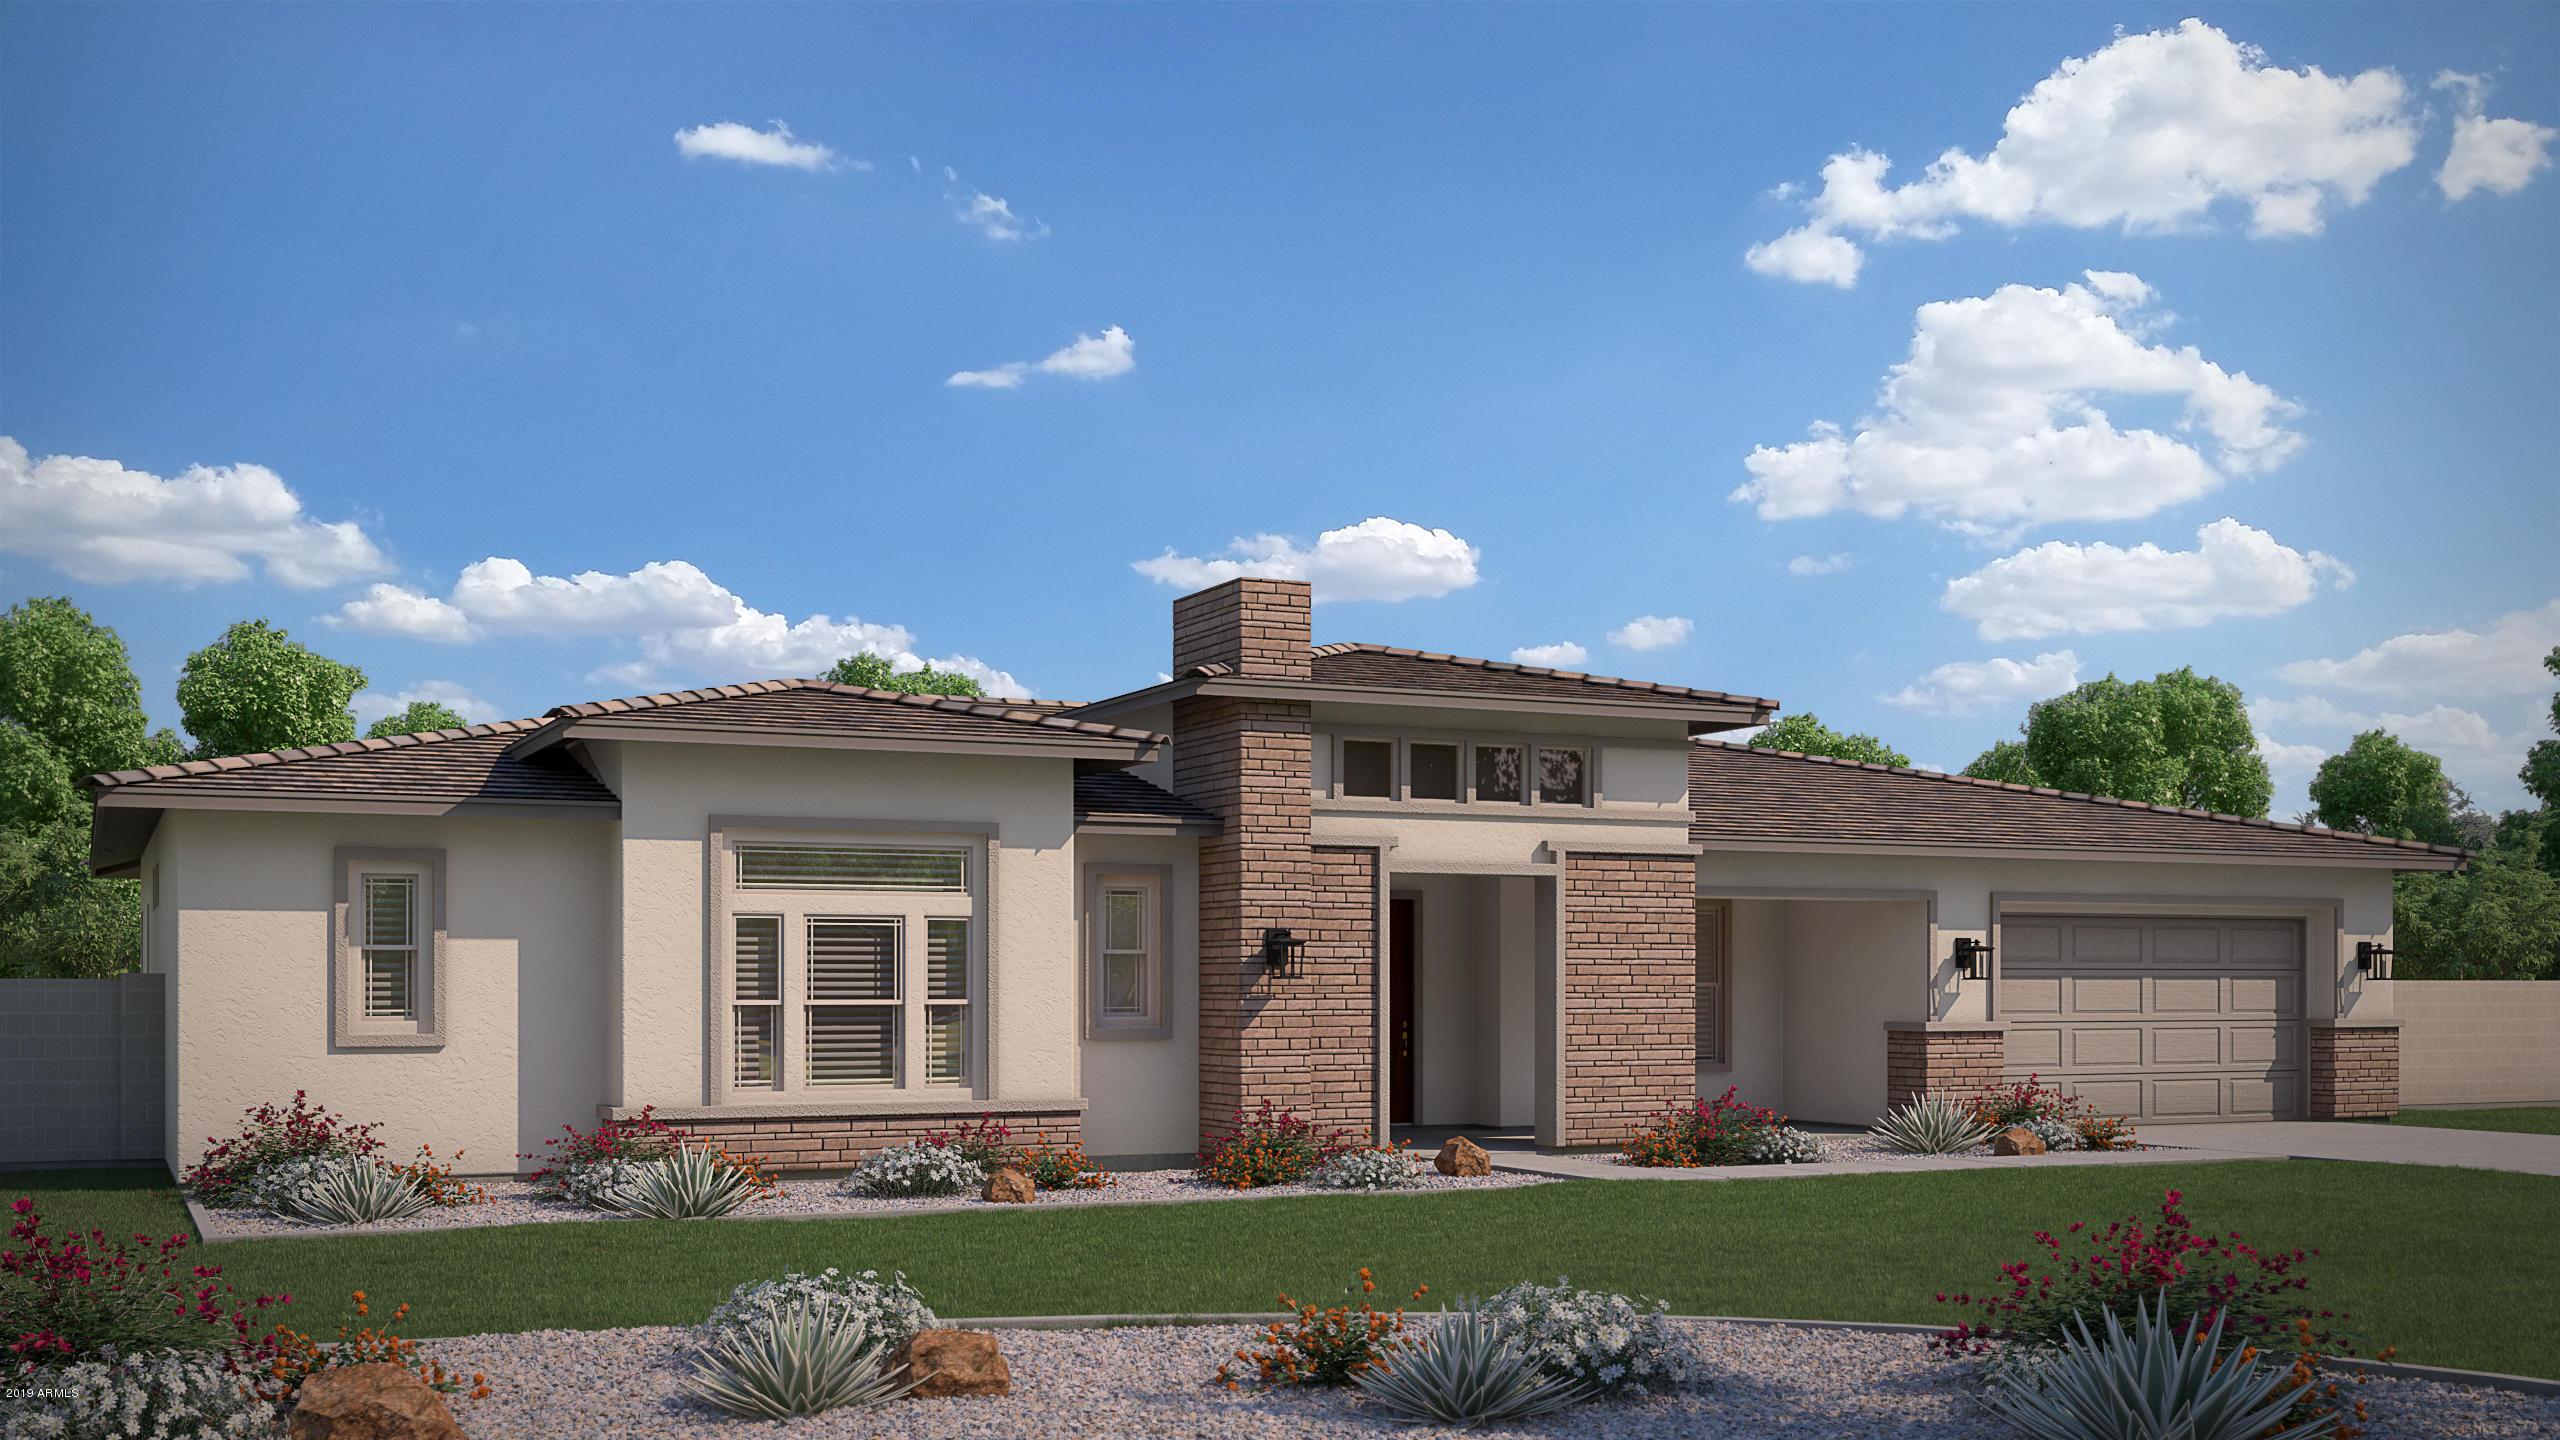 Photo of 13014 W MARLETTE Avenue, Litchfield Park, AZ 85340